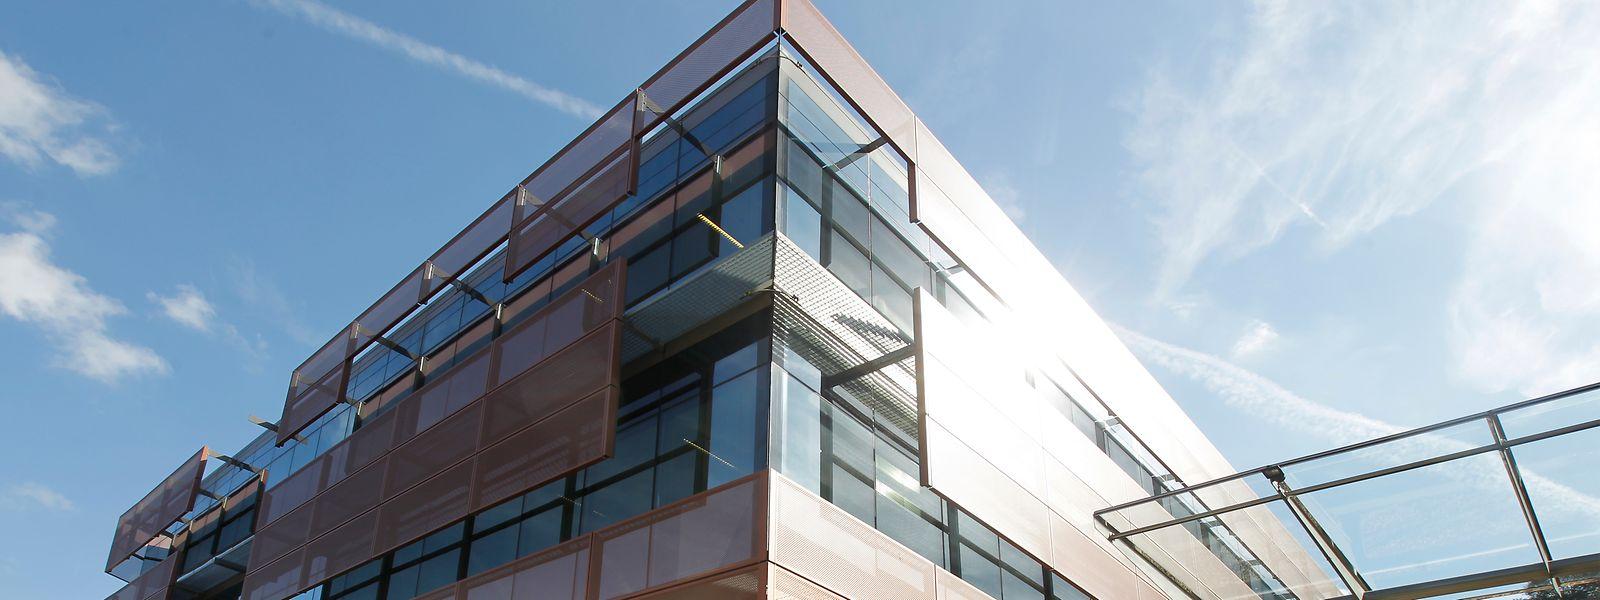 Das ehemalige Amazon-Gebäude in Clausen. In diesen Büros arbeiten seit Ende Januar Beamte und Angestellte des Bildungsministeriums.